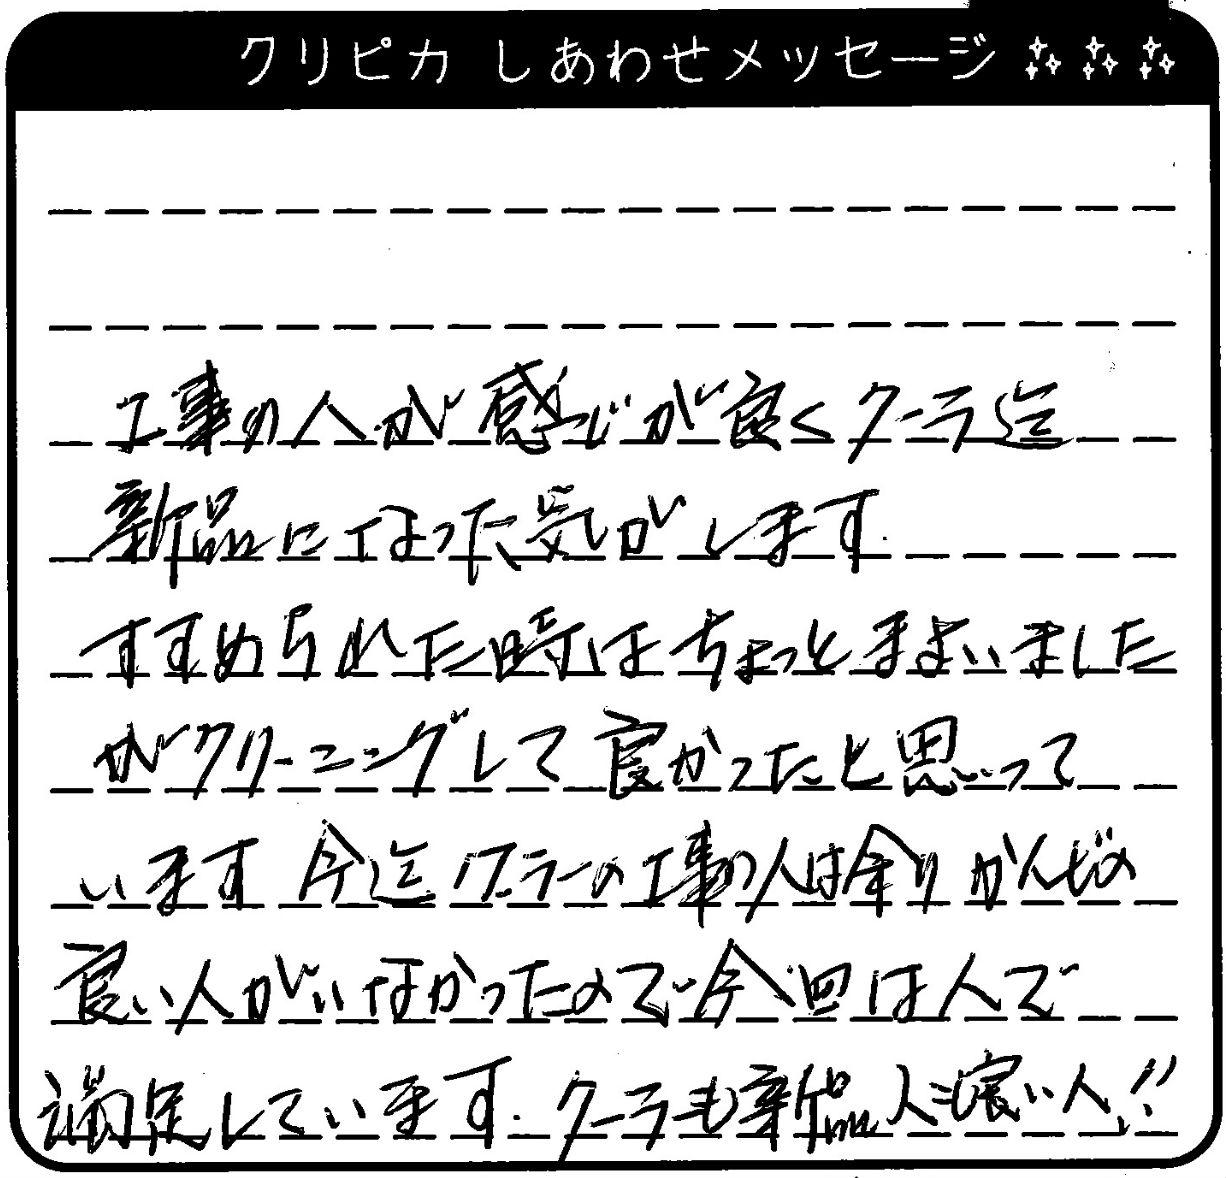 埼玉県 T様からのしあわせメッセージ